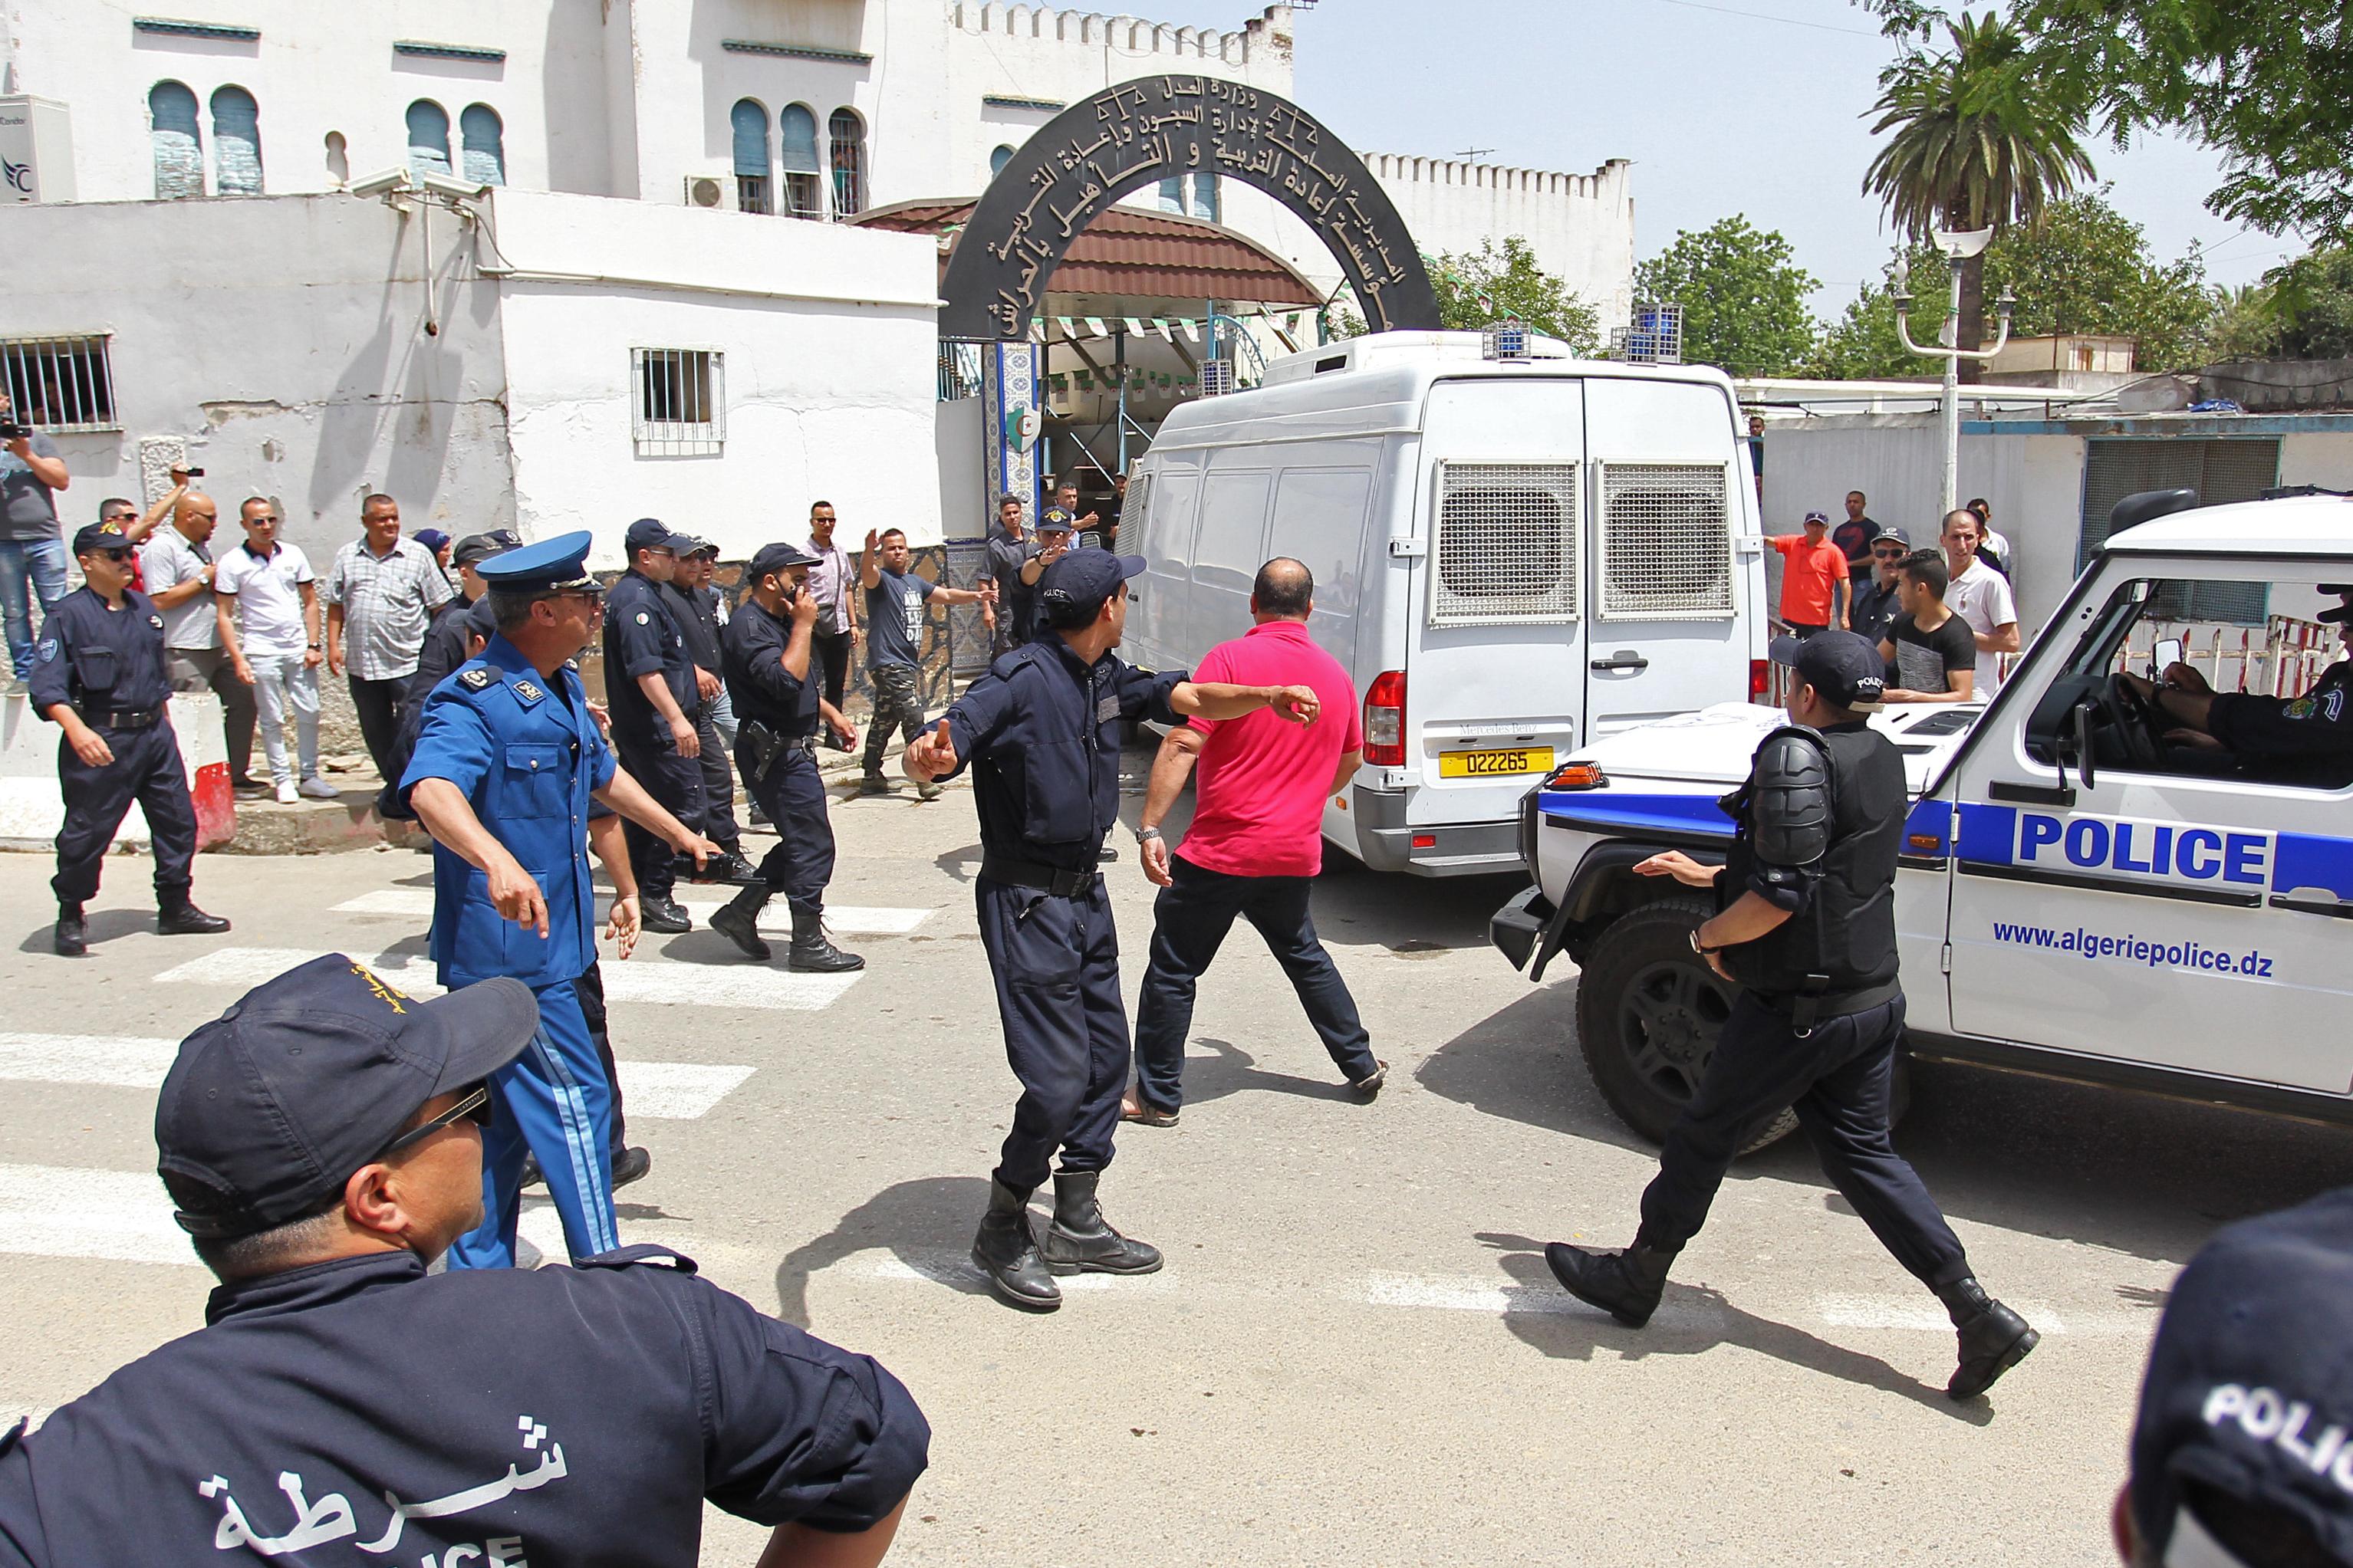 وصول الوزير الأول الجزائري السابق عبد المالك سلال إلى سجن الحراش - أرشيف